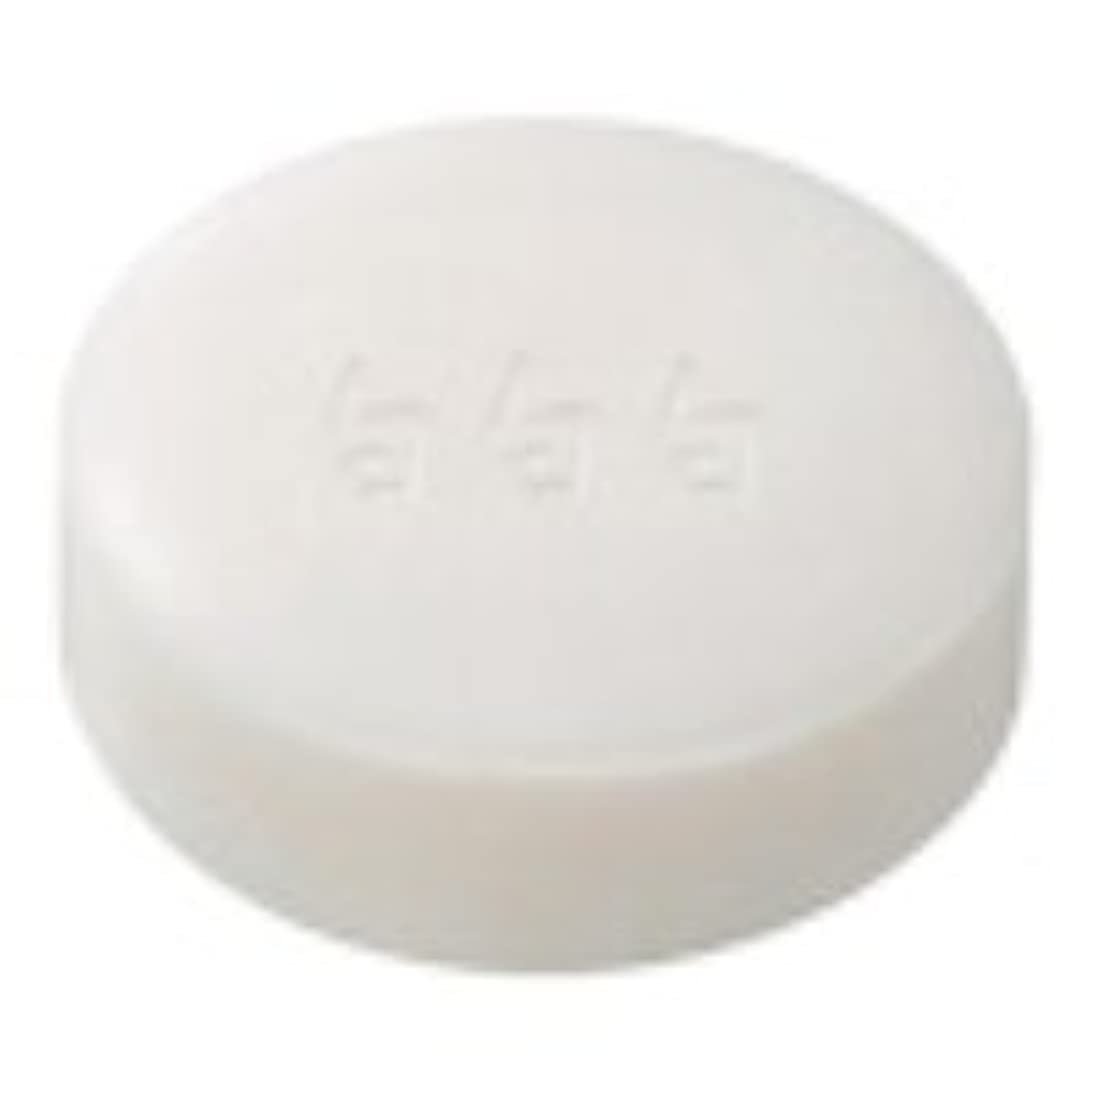 制約共同選択行白白白ホワイトクリアソープ 90g